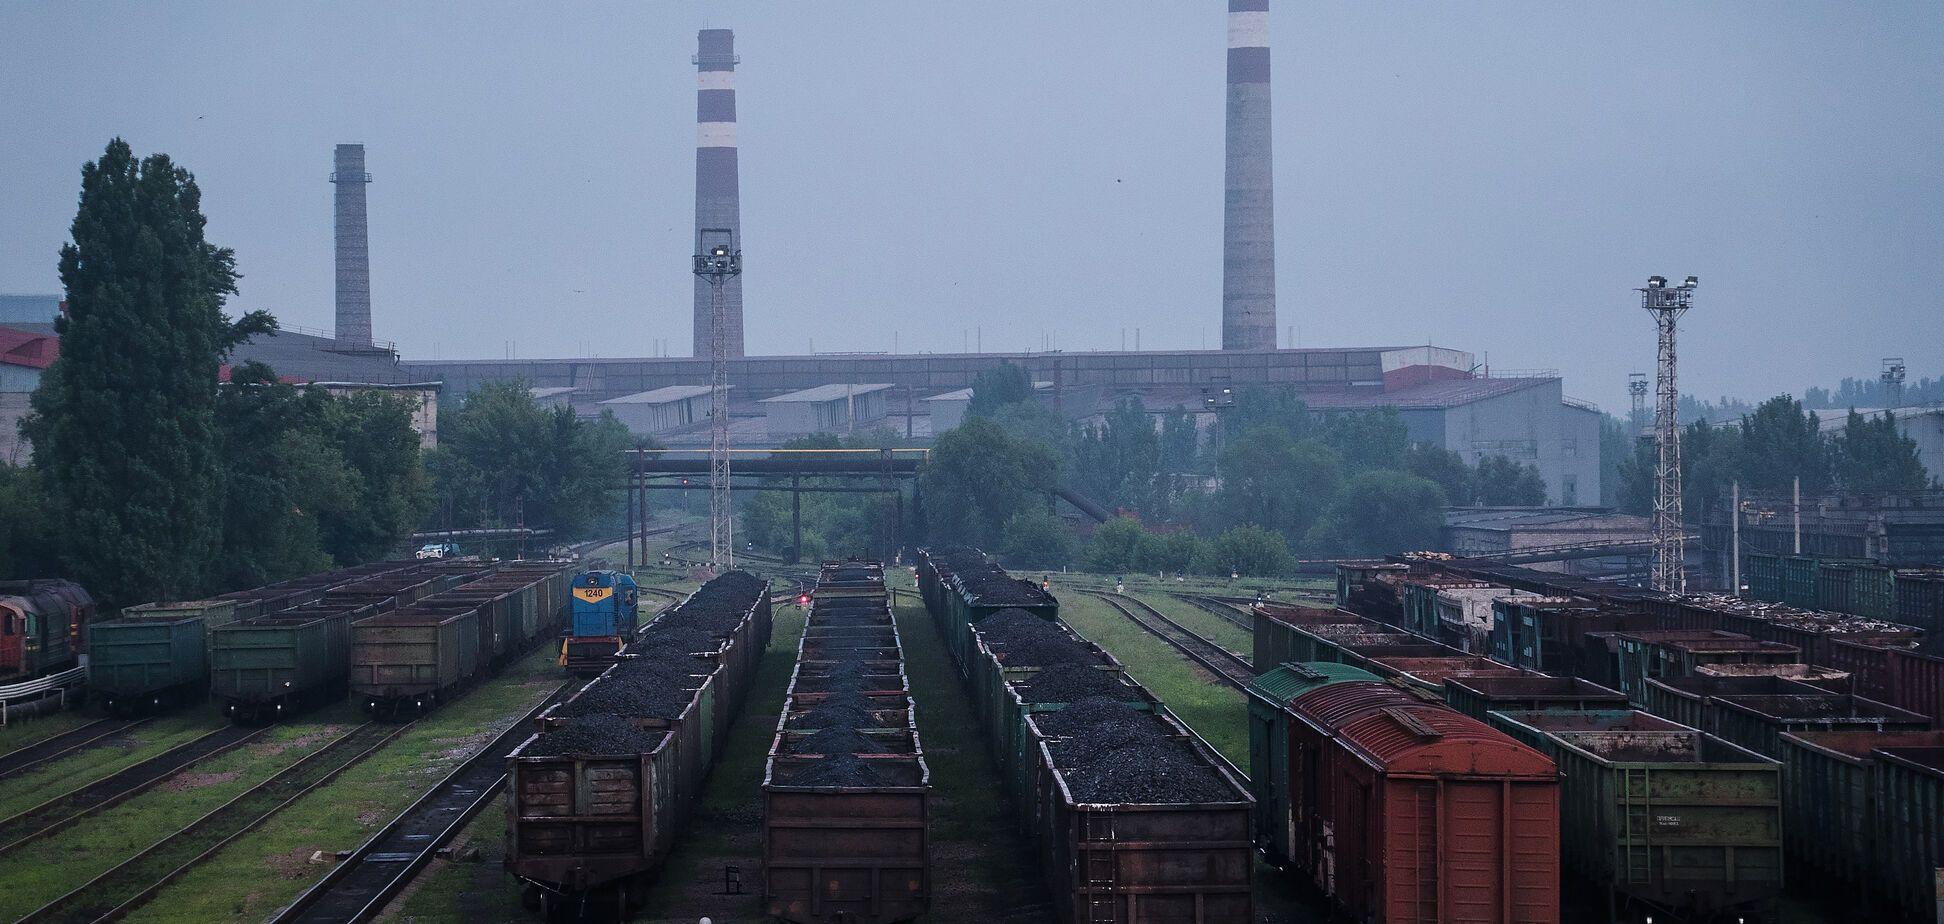 Скандал із вугіллям 'Л/ДНР': стало відомо, як Польща закуповувала вкрадений в України антрацит